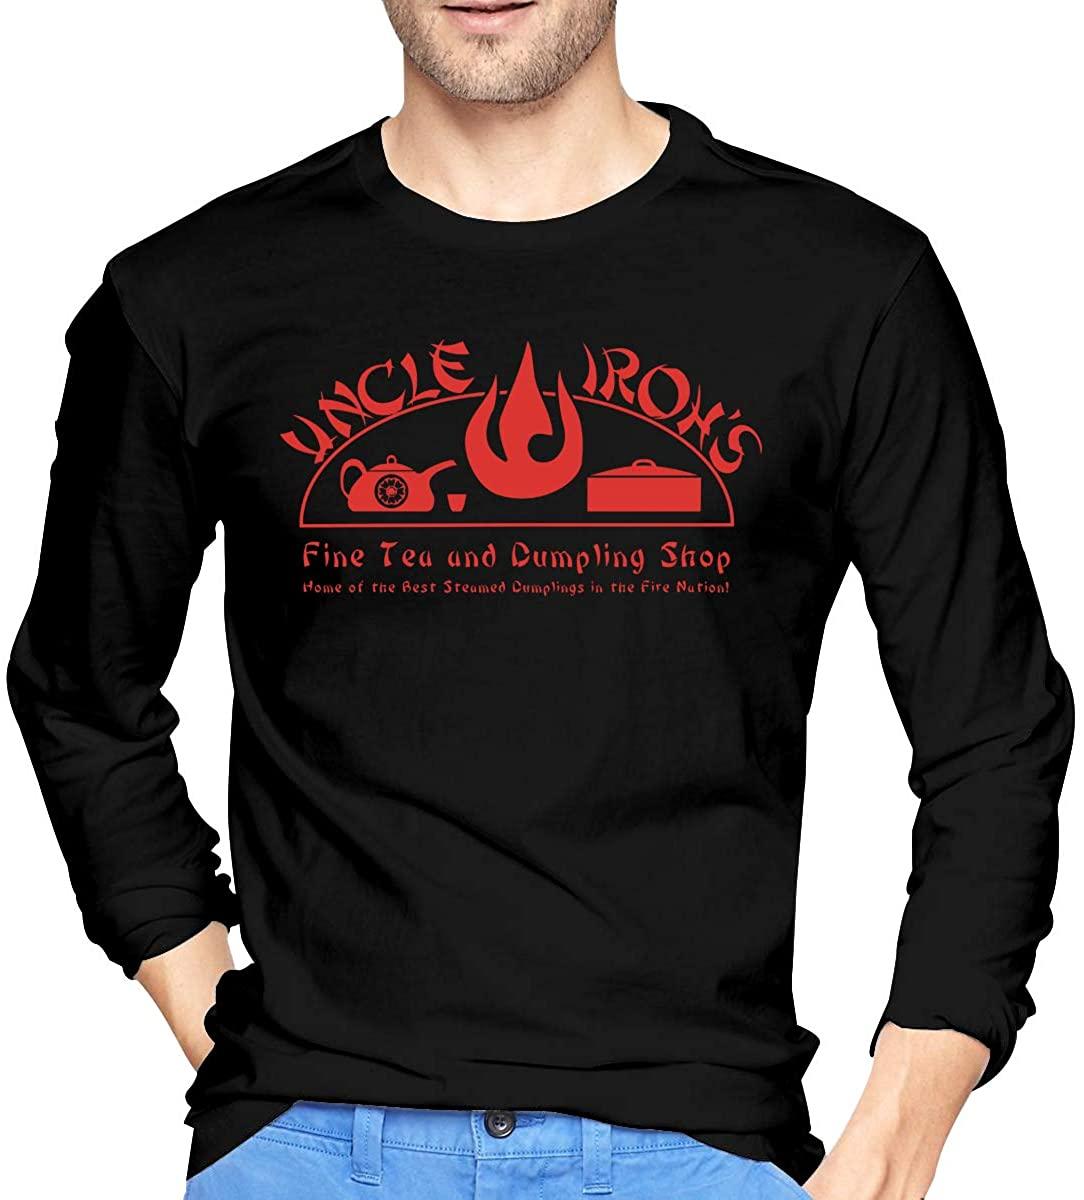 Uncle Iroh's Fine Tea Shop Mans Cotton Long Sleeve T Shirt Flexible Design Round Neck Tees Tops